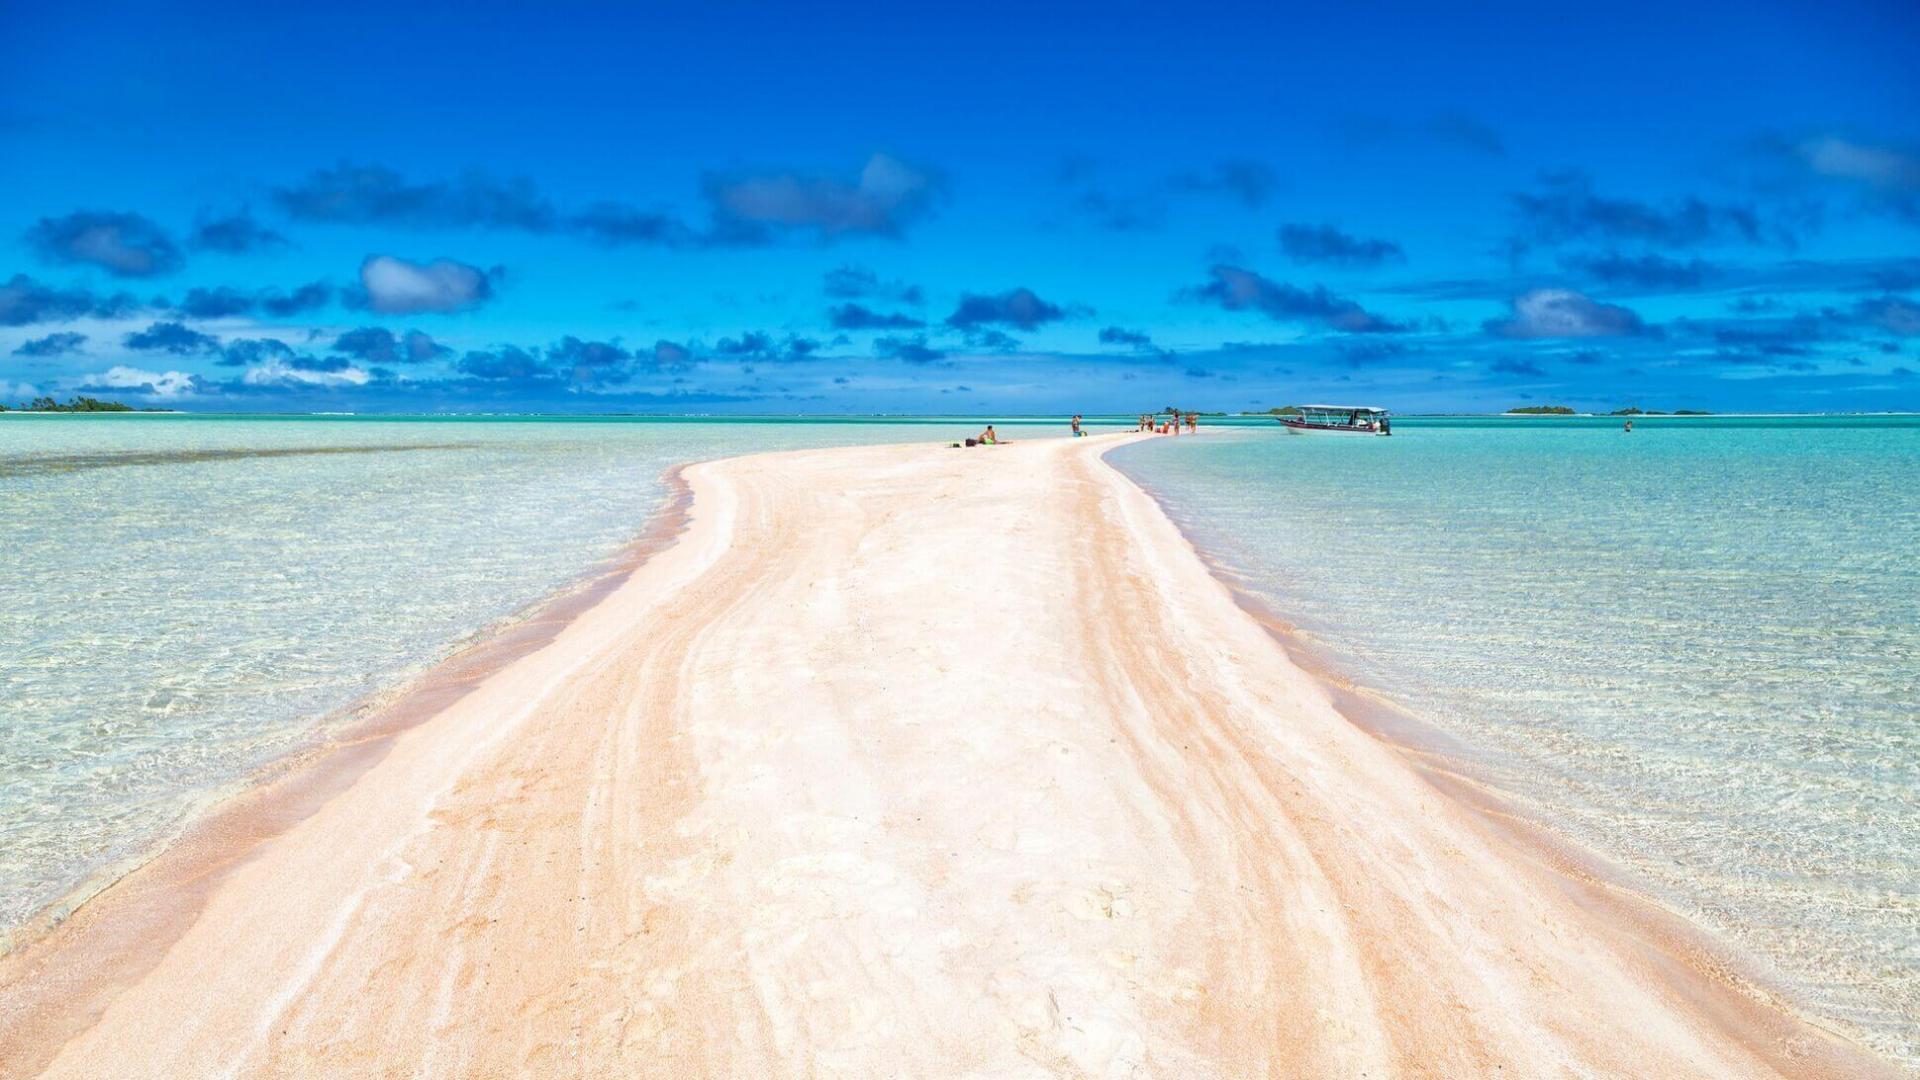 Rausvas smėlis Rangiroa atole